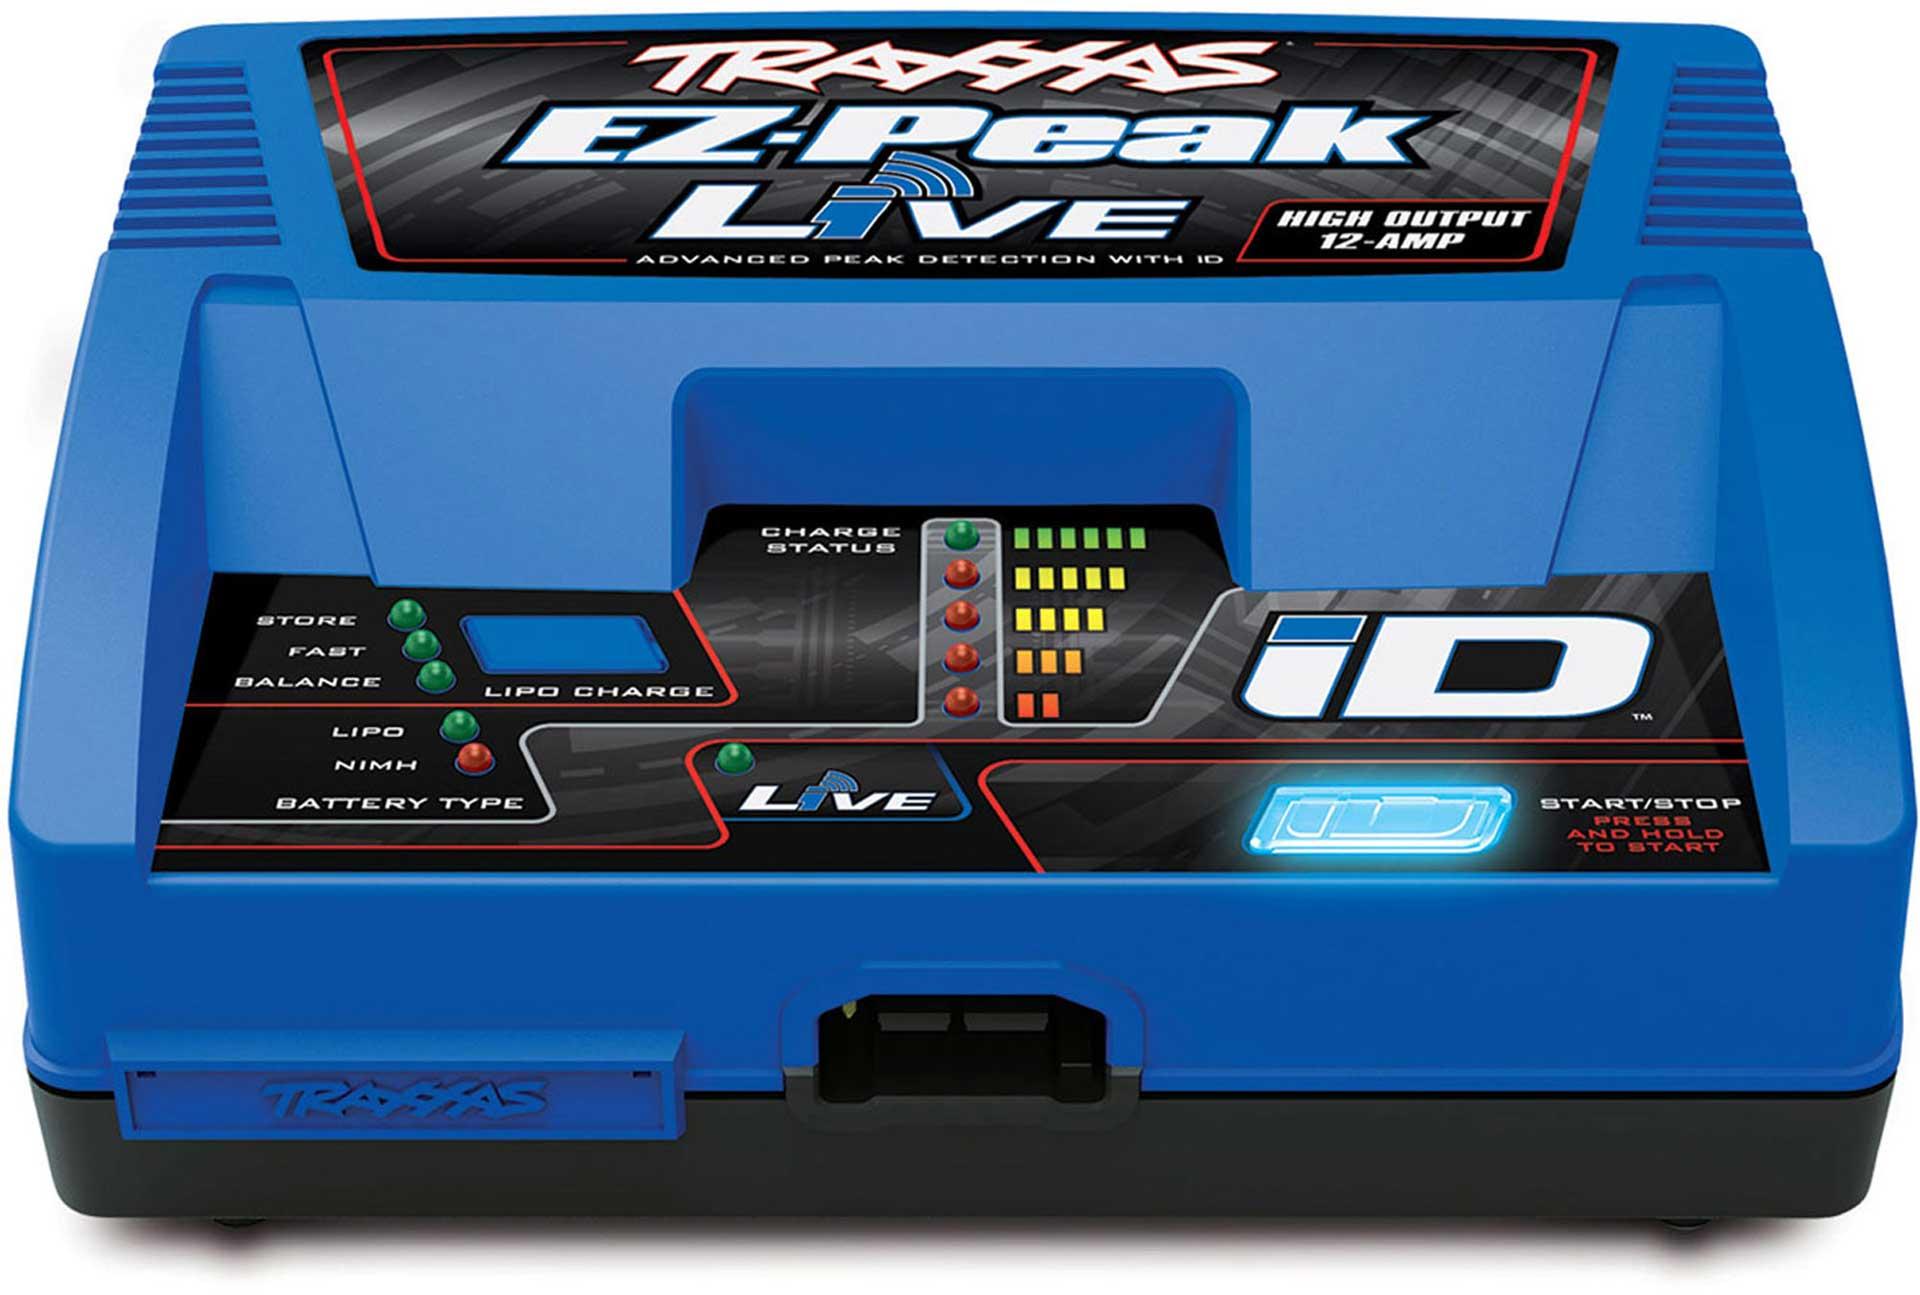 TRAXXAS EZ-PEAK LIVE TO 12-AMP NIMH/LIPO